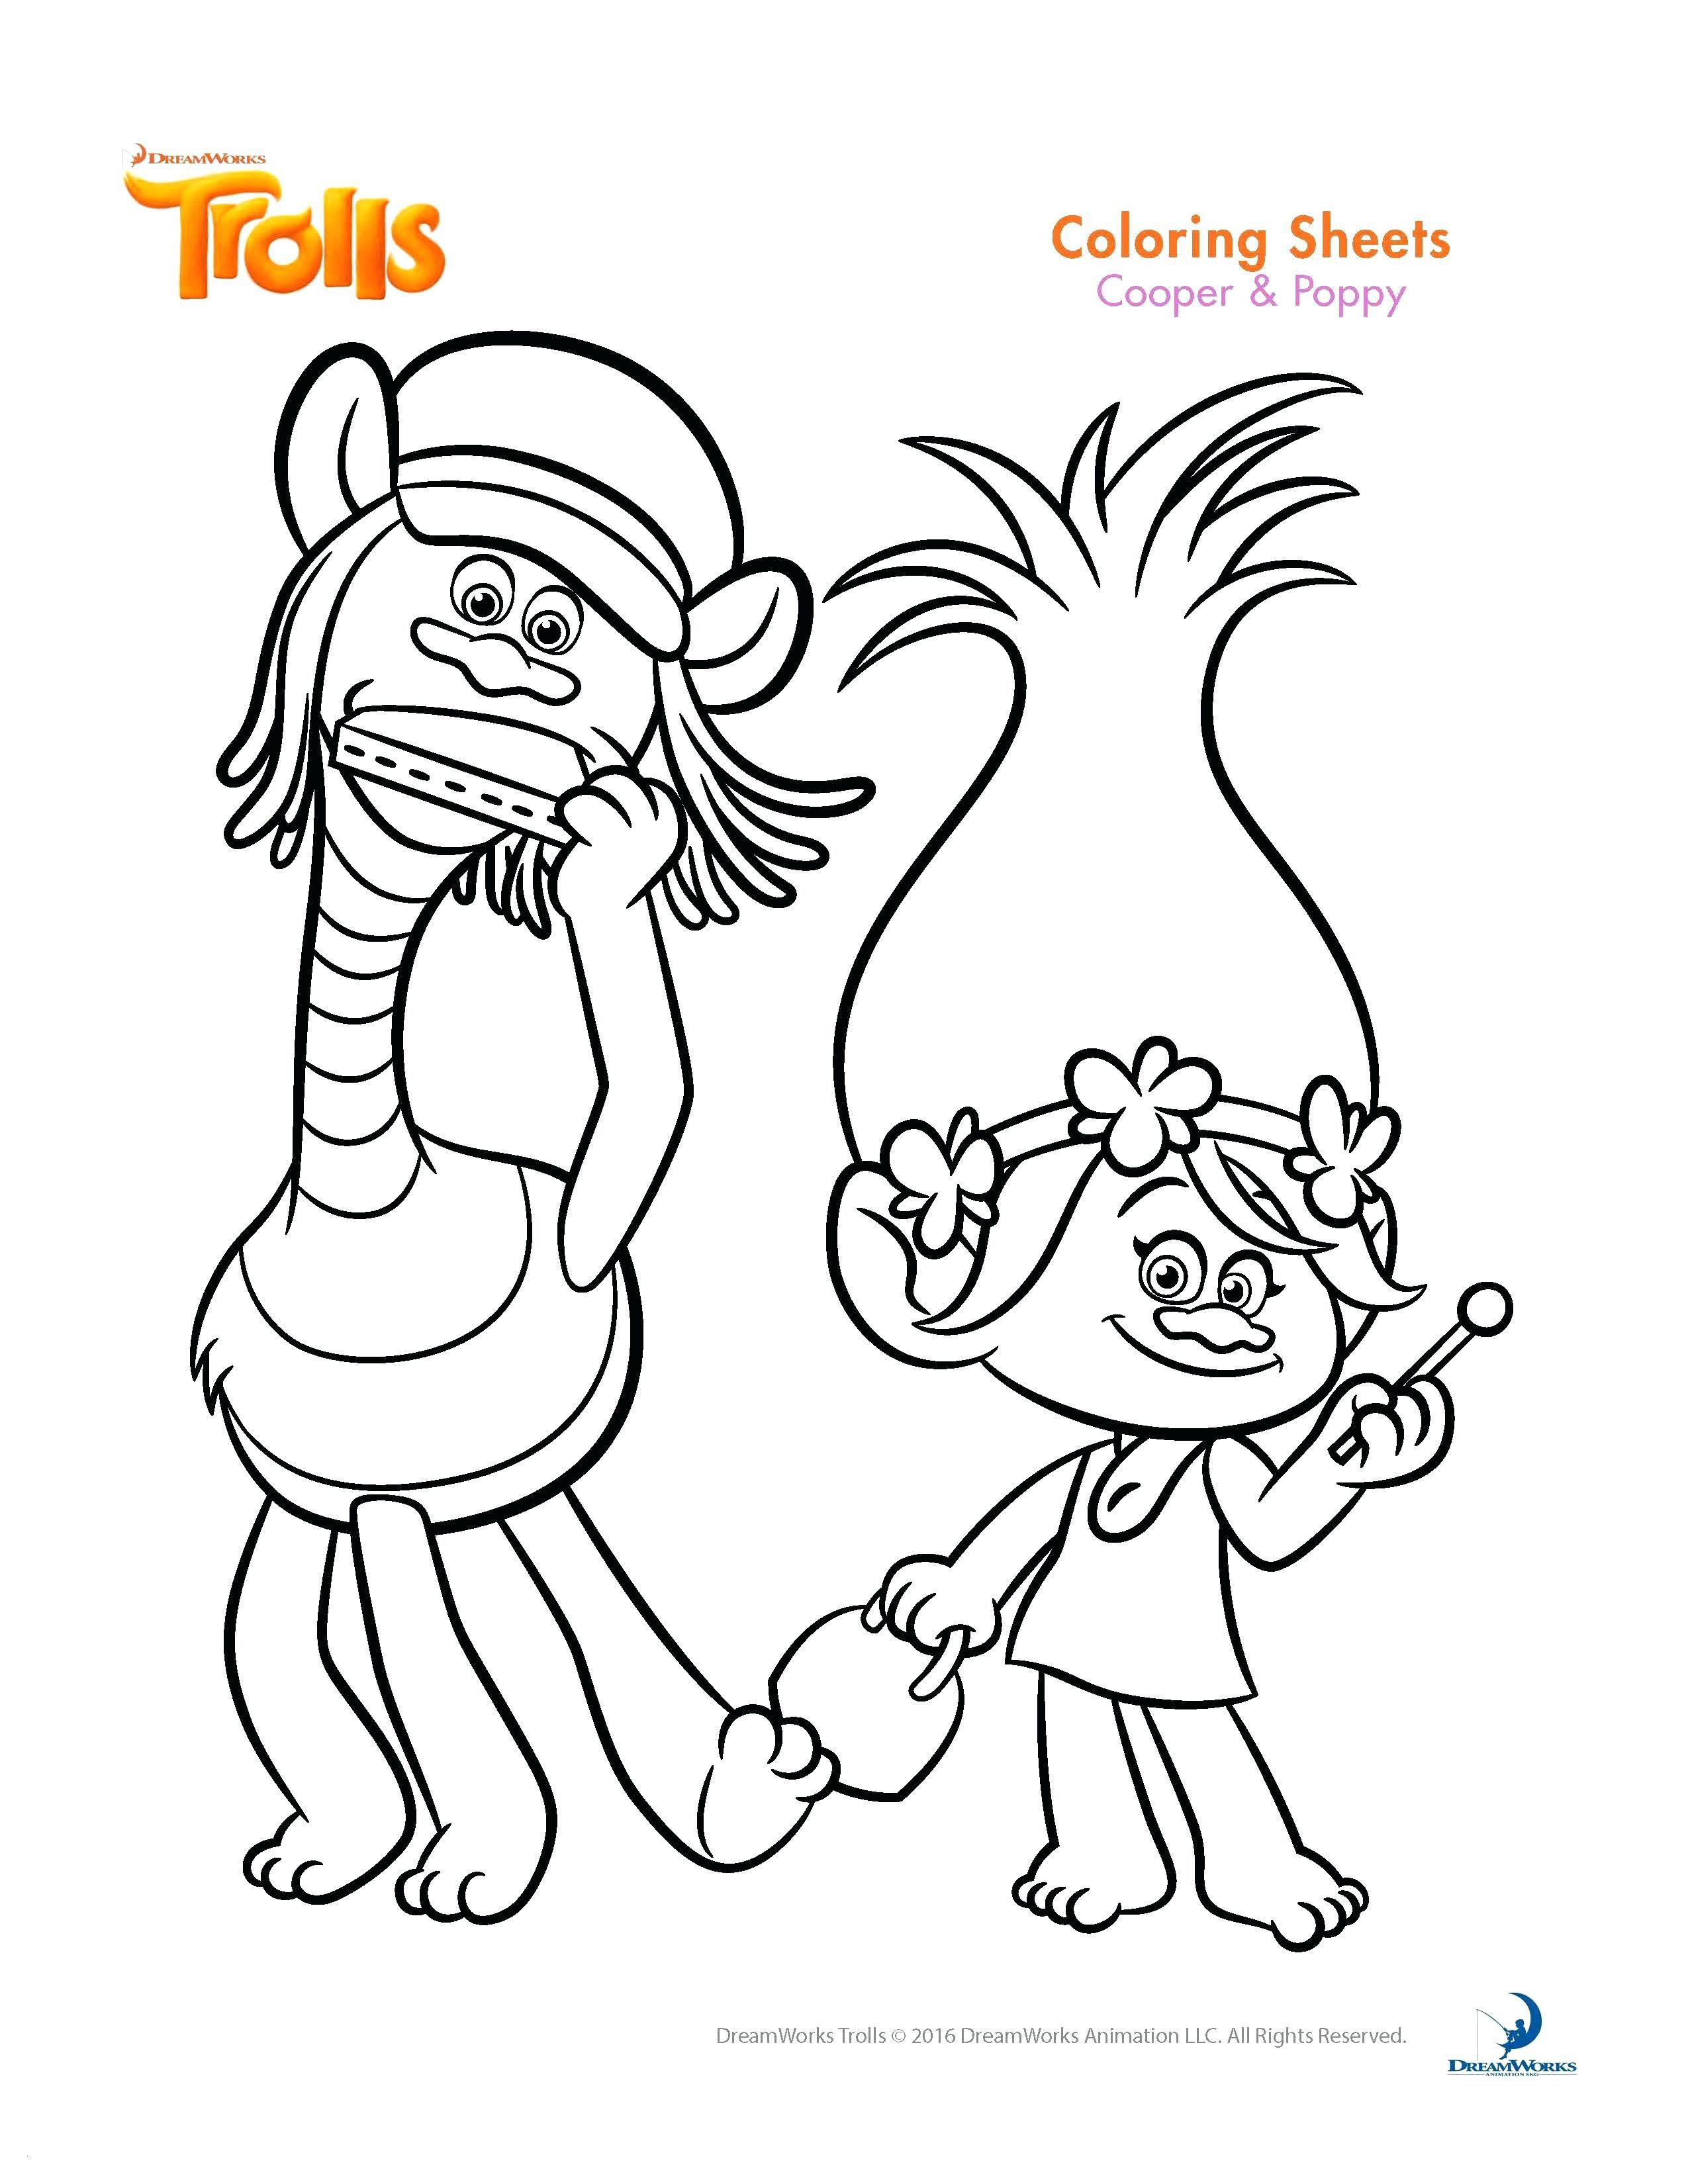 Winnie Pooh Malvorlage Inspirierend 37 Ausmalbilder Winnie Puuh Scoredatscore Inspirierend Winnie Pooh Sammlung